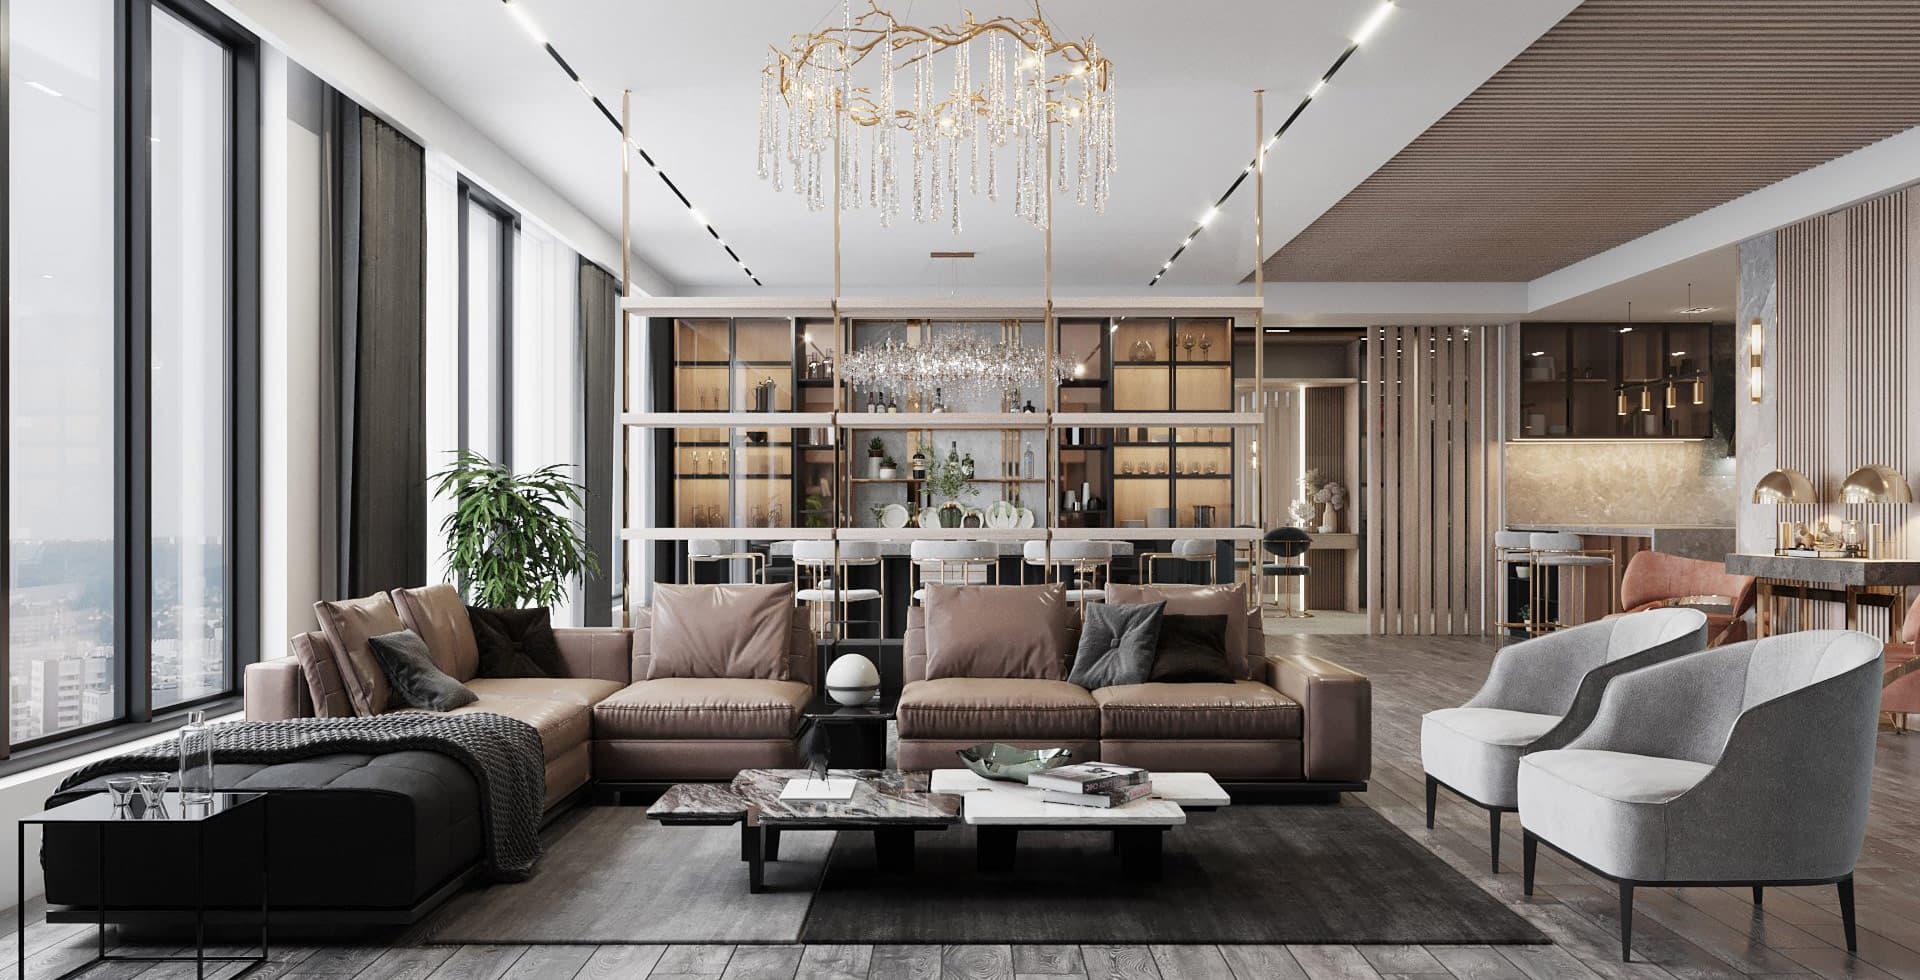 Thiết kế thi công nội thất căn hộ, nhà phố, villa